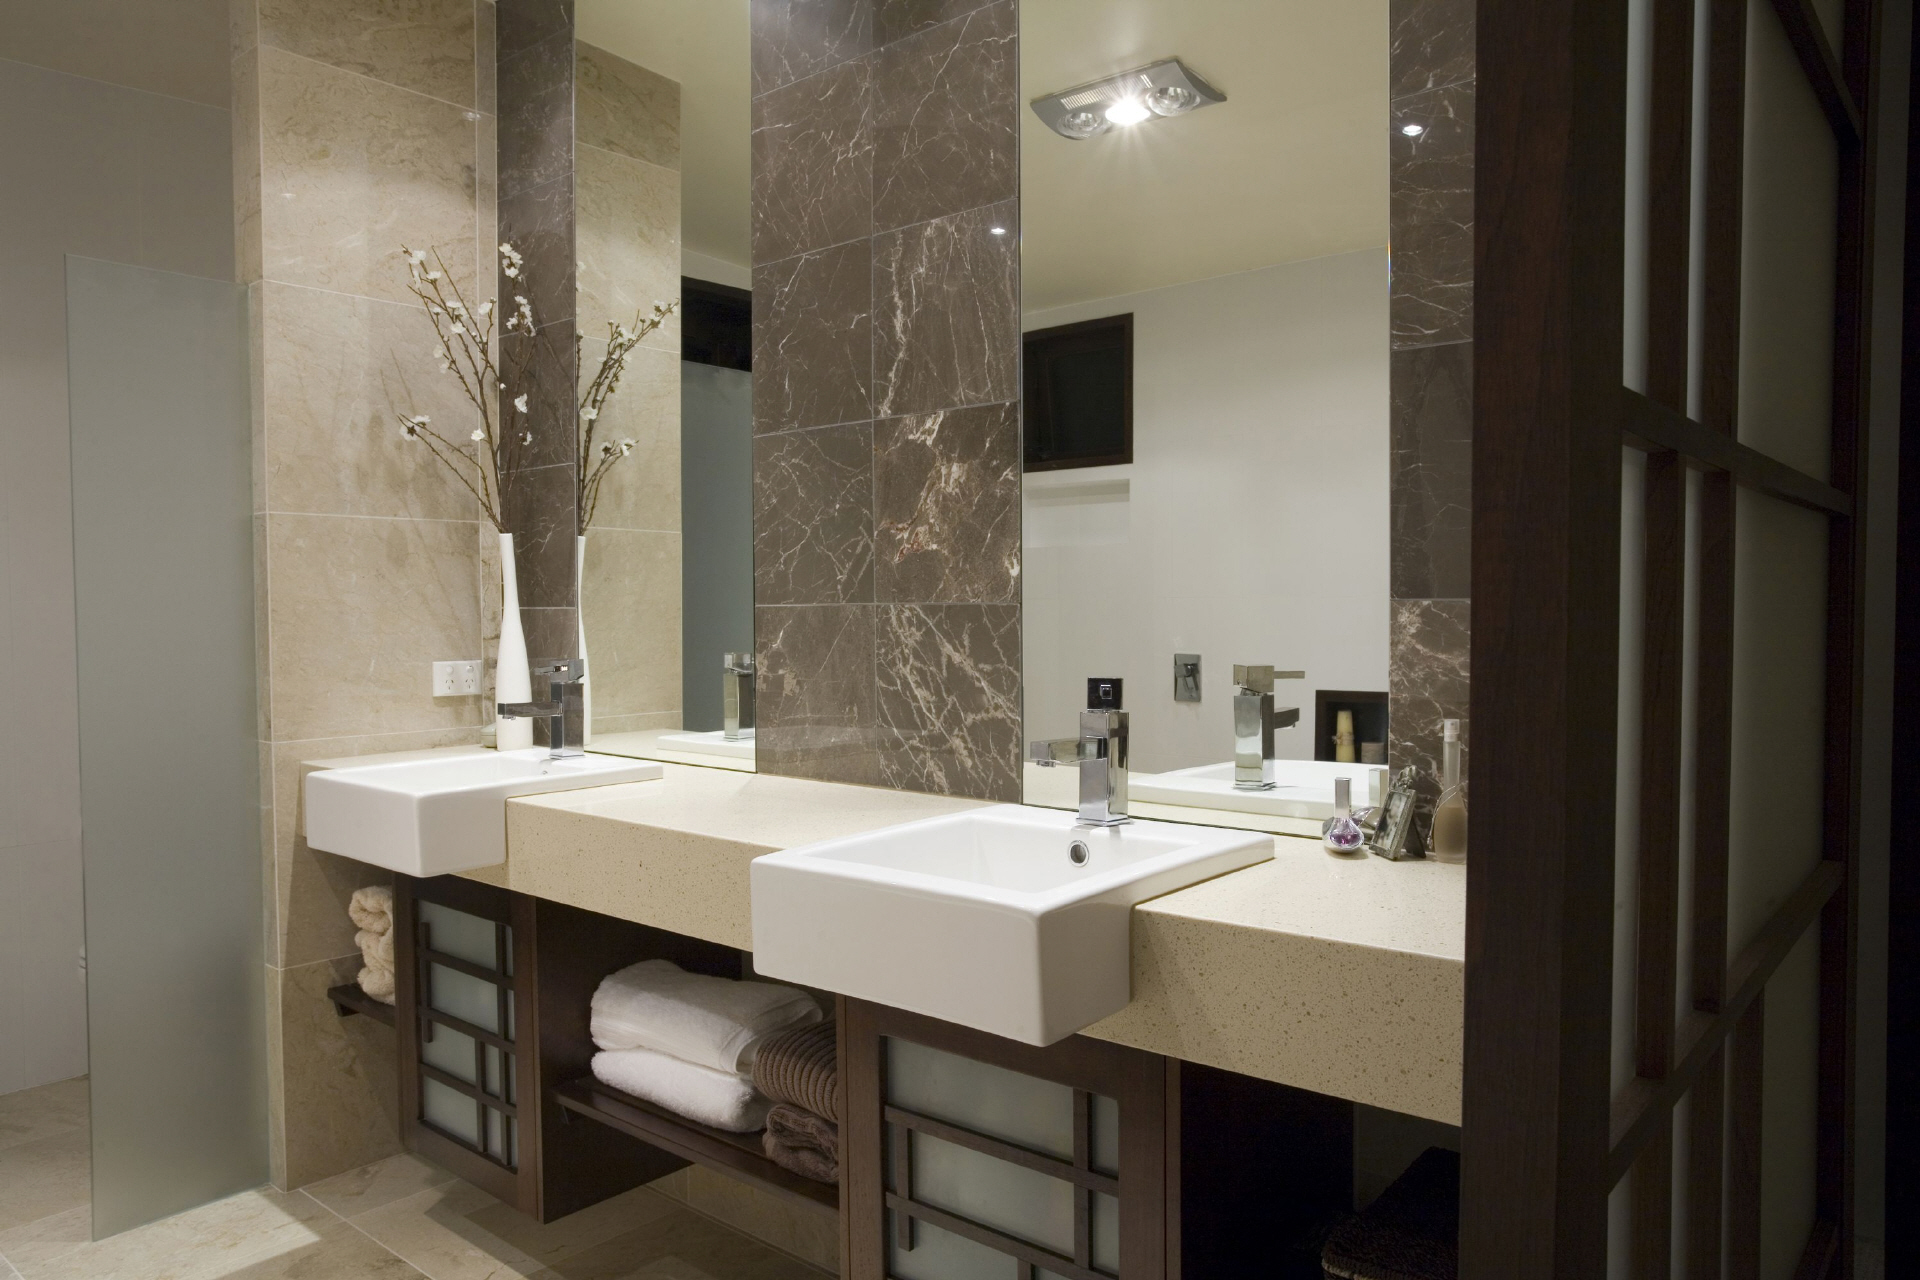 Бежево-коричневая ванная комната 7 кв. м с двумя умывальниками